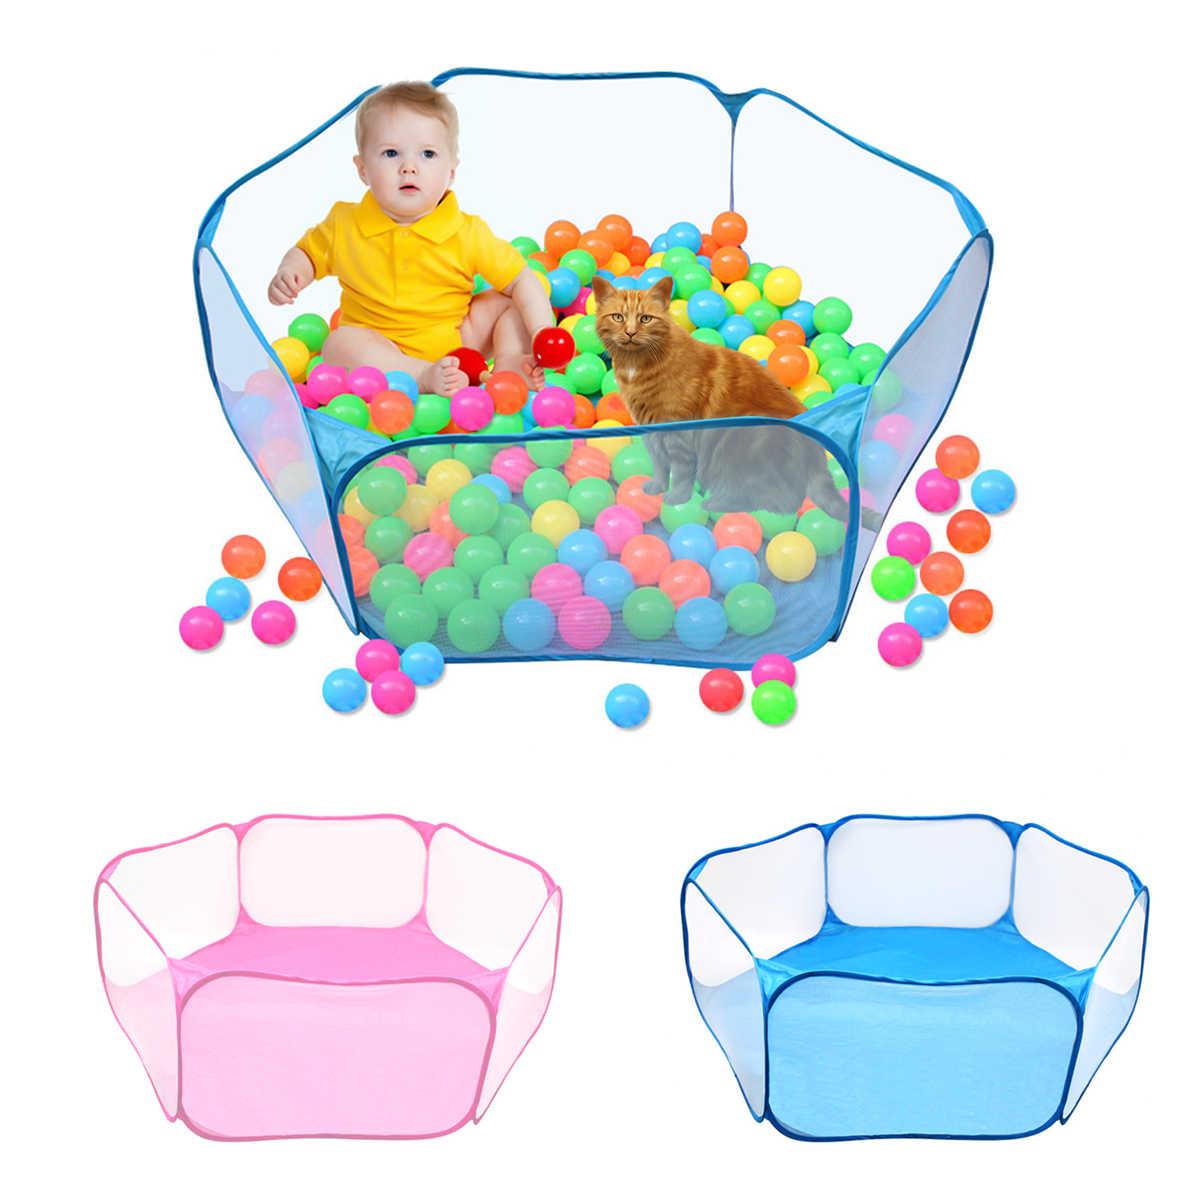 Hewan Peliharaan Boks Portable Membuka Indoor/Outdoor Kandang Hewan Kecil Tenda Permainan Pagar Taman Bermain untuk Hamster Chinchilla Guinea- babi